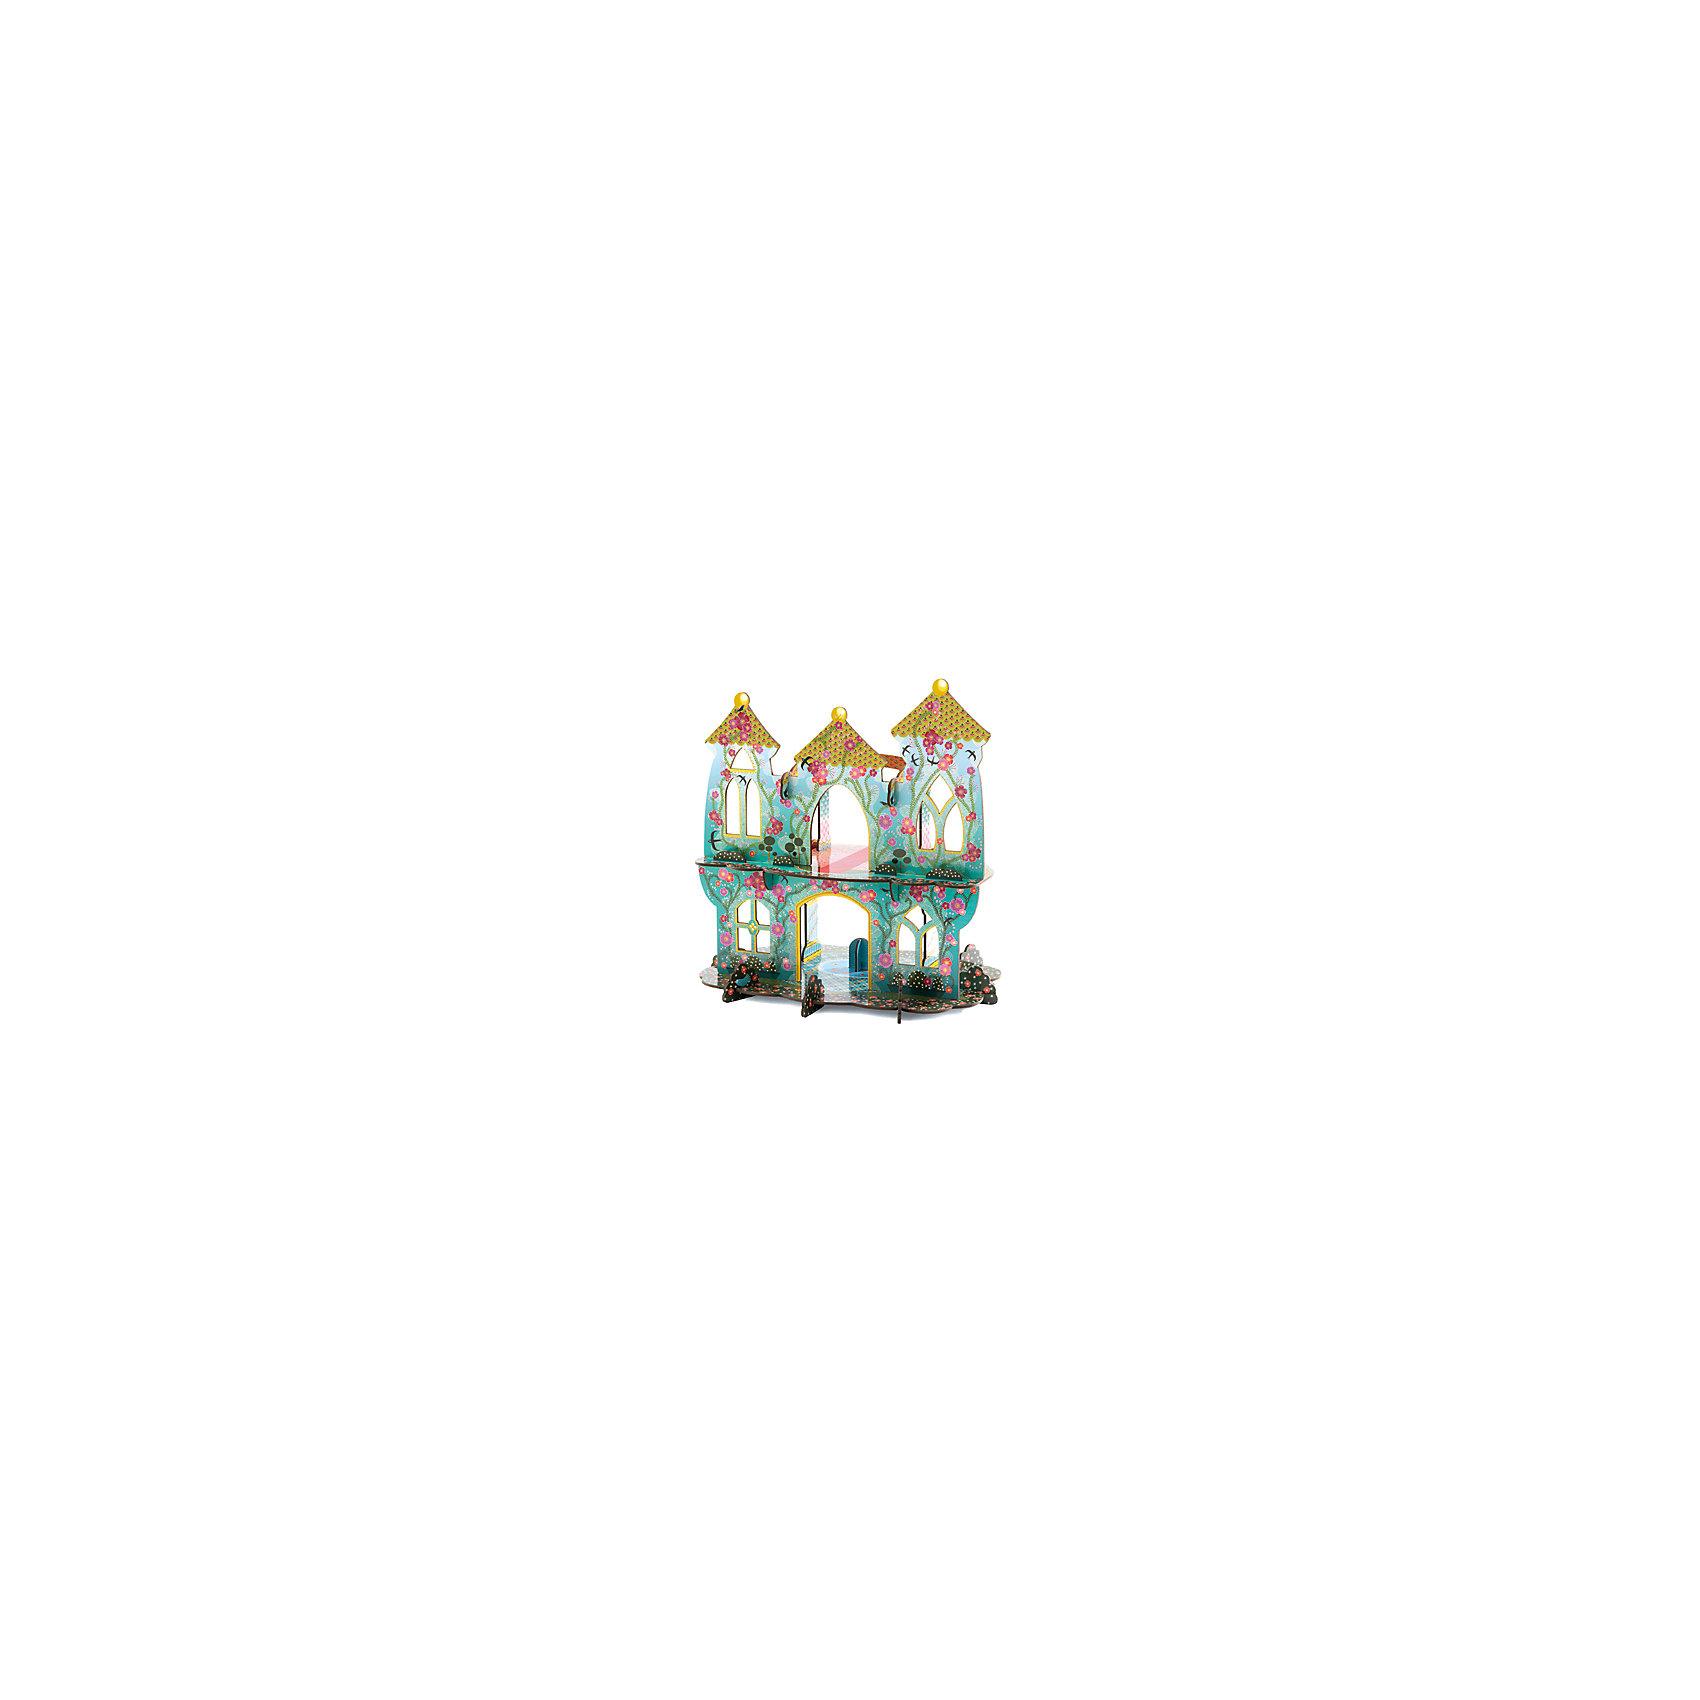 Волшебный замок, DJECOПрочие бренды конструкторов<br>Волшебный замок, Djeco (Джеко) - оригинальный конструктор для девочек. Из плотных картонных деталей Ваша девочка легко соберет необыкновеннок красивый и воздушный сказочный замок. В замке два этажа, внешние стены выполнены в красивой голуой расцыетке и украшены цветами, верхний этаж венчают три остроконечные башенки. Детали хорошо скрепляются друг с другом, не позволяя конструкции развалиться. Замок станет прекрасным местом для игр с куклами и любимыми игрушками. Набор способствует развитию воображения и тврческого мышления, навыков конструирования, трениркет мелкую моторику.<br> <br>Дополнительная информация:<br><br>- В комплекте: 20 деталей для сборки.<br>- Материал: картон. <br>- Размер собранного замка: 34 х 25 х 35 см.<br>- Размер упаковки: 25 х 46 х 2,8 см.<br><br><br>Волшебный замок, Djeco (Джеко), можно купить в нашем интернет-магазине.<br><br>Ширина мм: 250<br>Глубина мм: 280<br>Высота мм: 10<br>Вес г: 1260<br>Возраст от месяцев: 48<br>Возраст до месяцев: 96<br>Пол: Женский<br>Возраст: Детский<br>SKU: 4215034